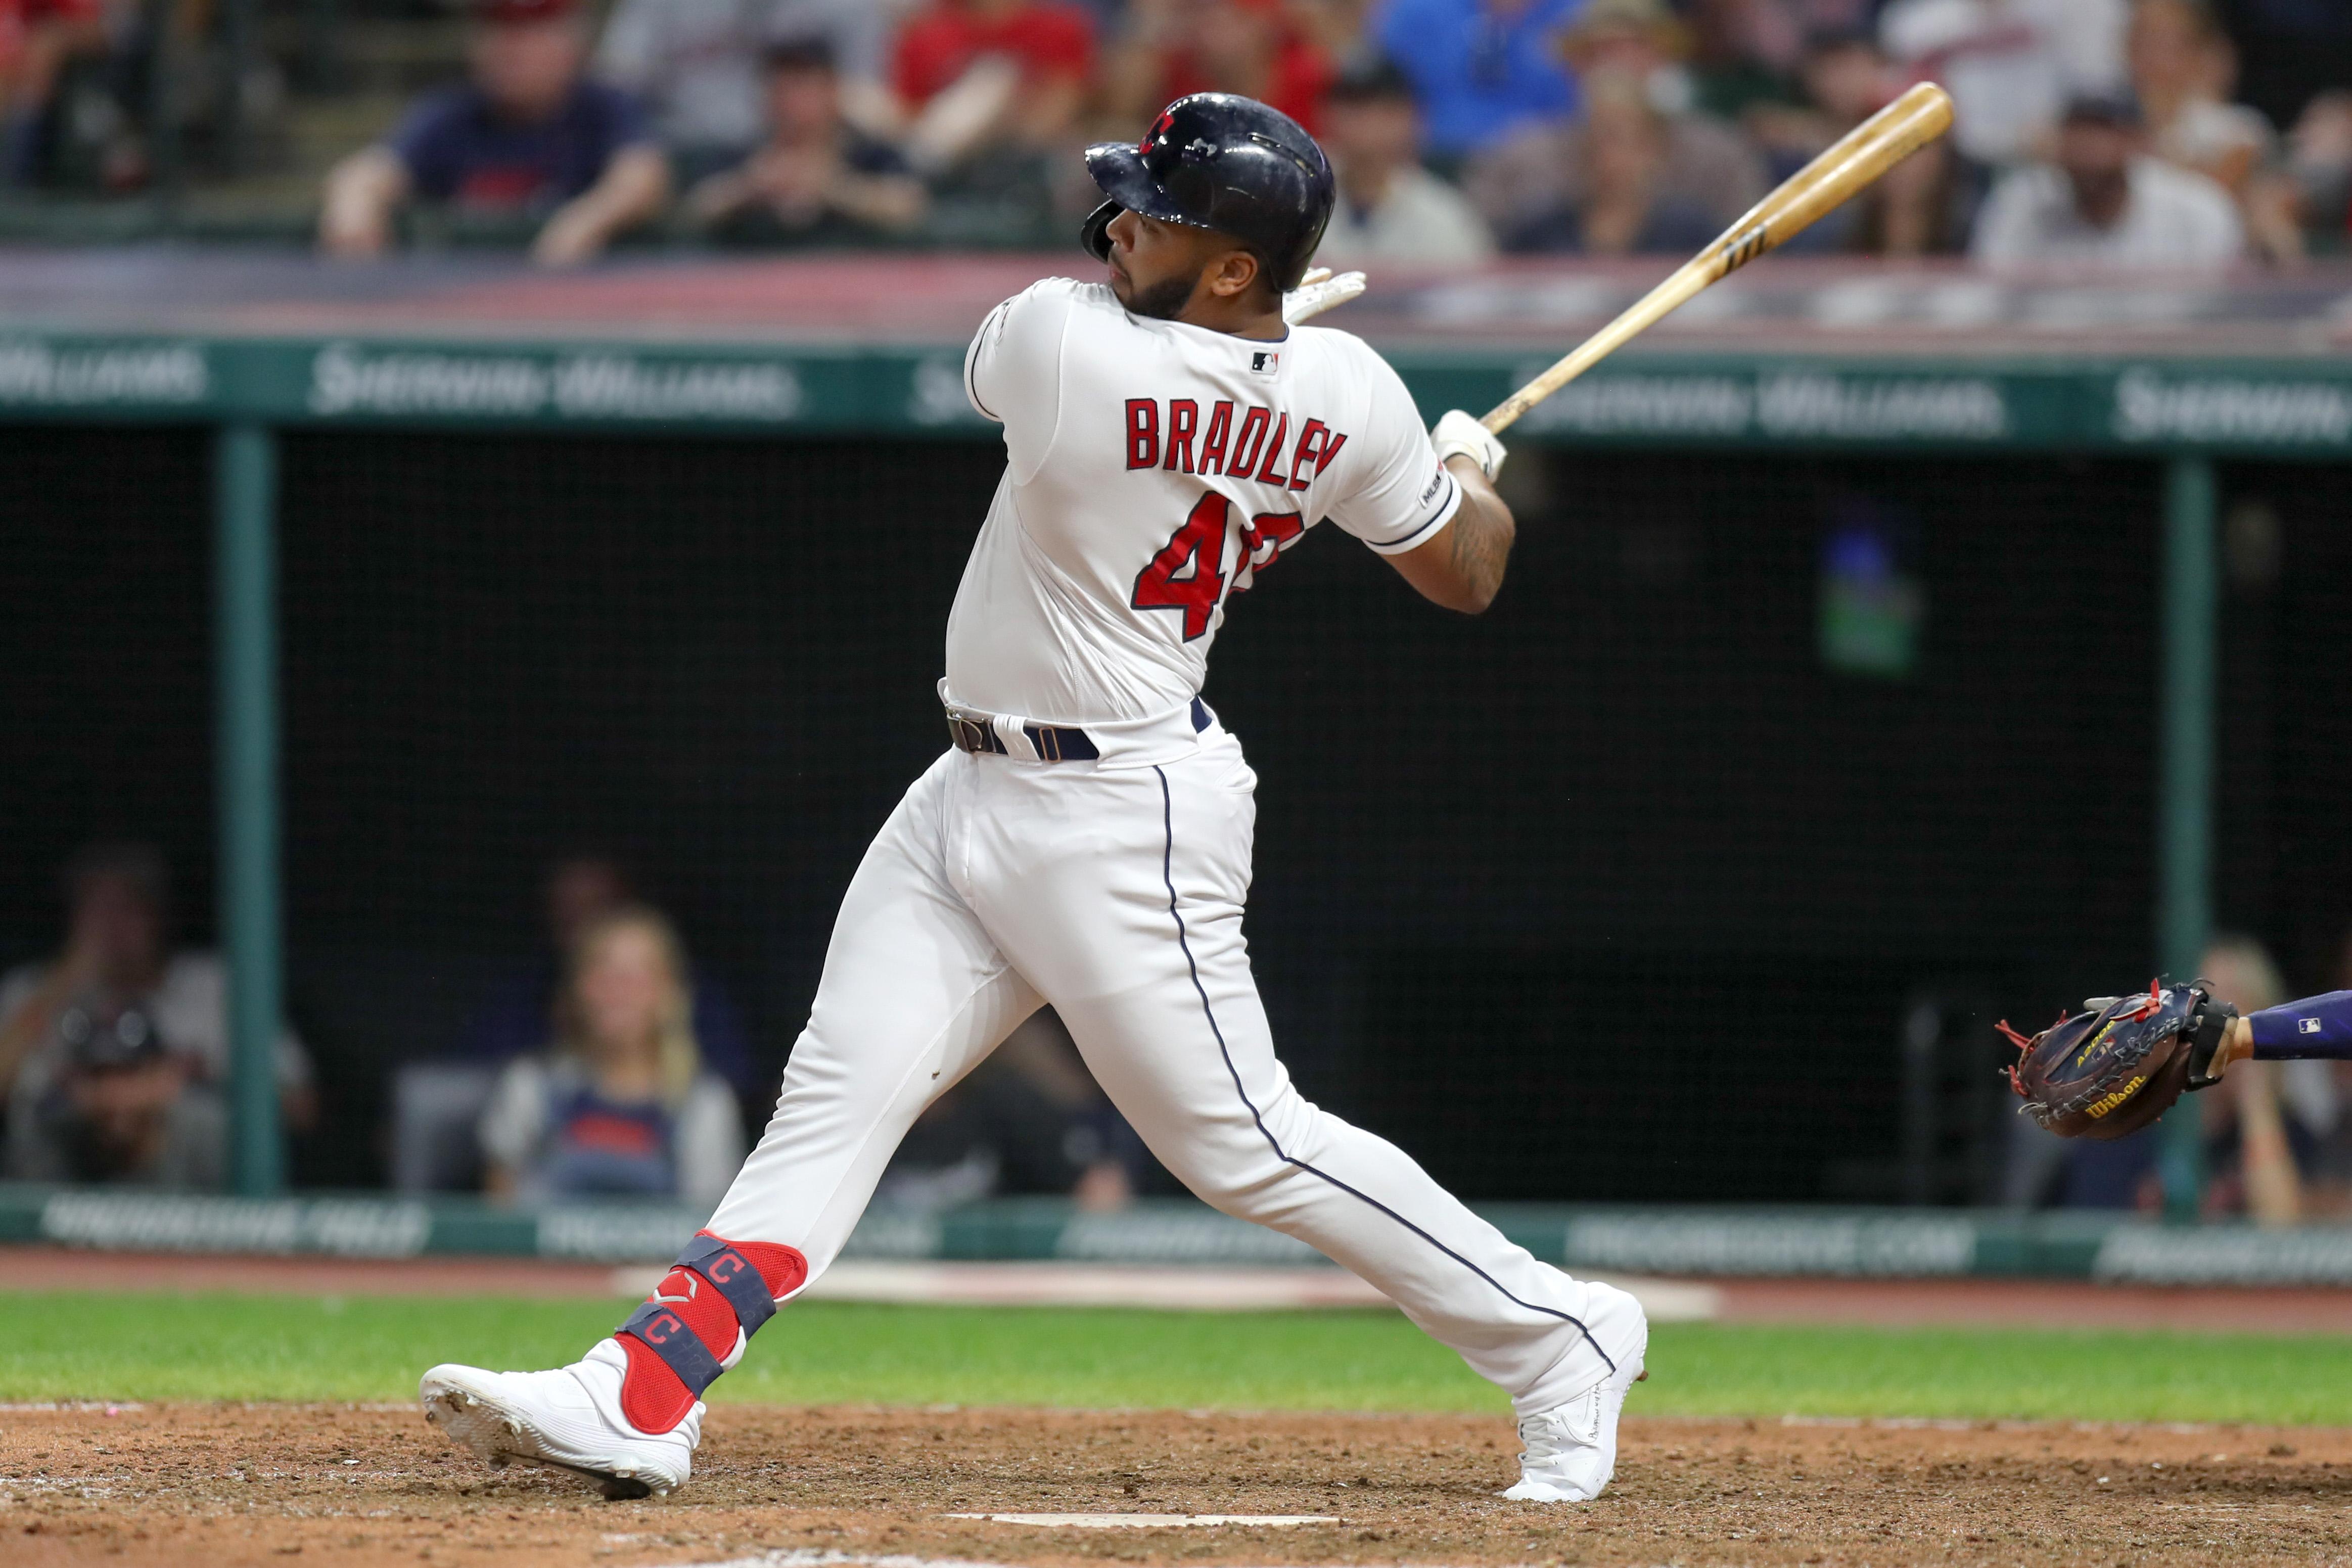 MLB: JUL 13 Twins at Indians